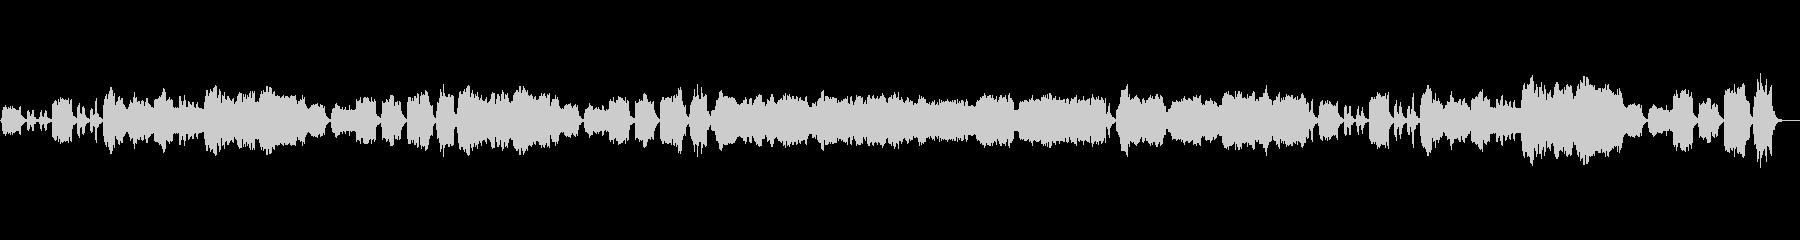 管楽器の穏やかでクラシカルなワルツの未再生の波形